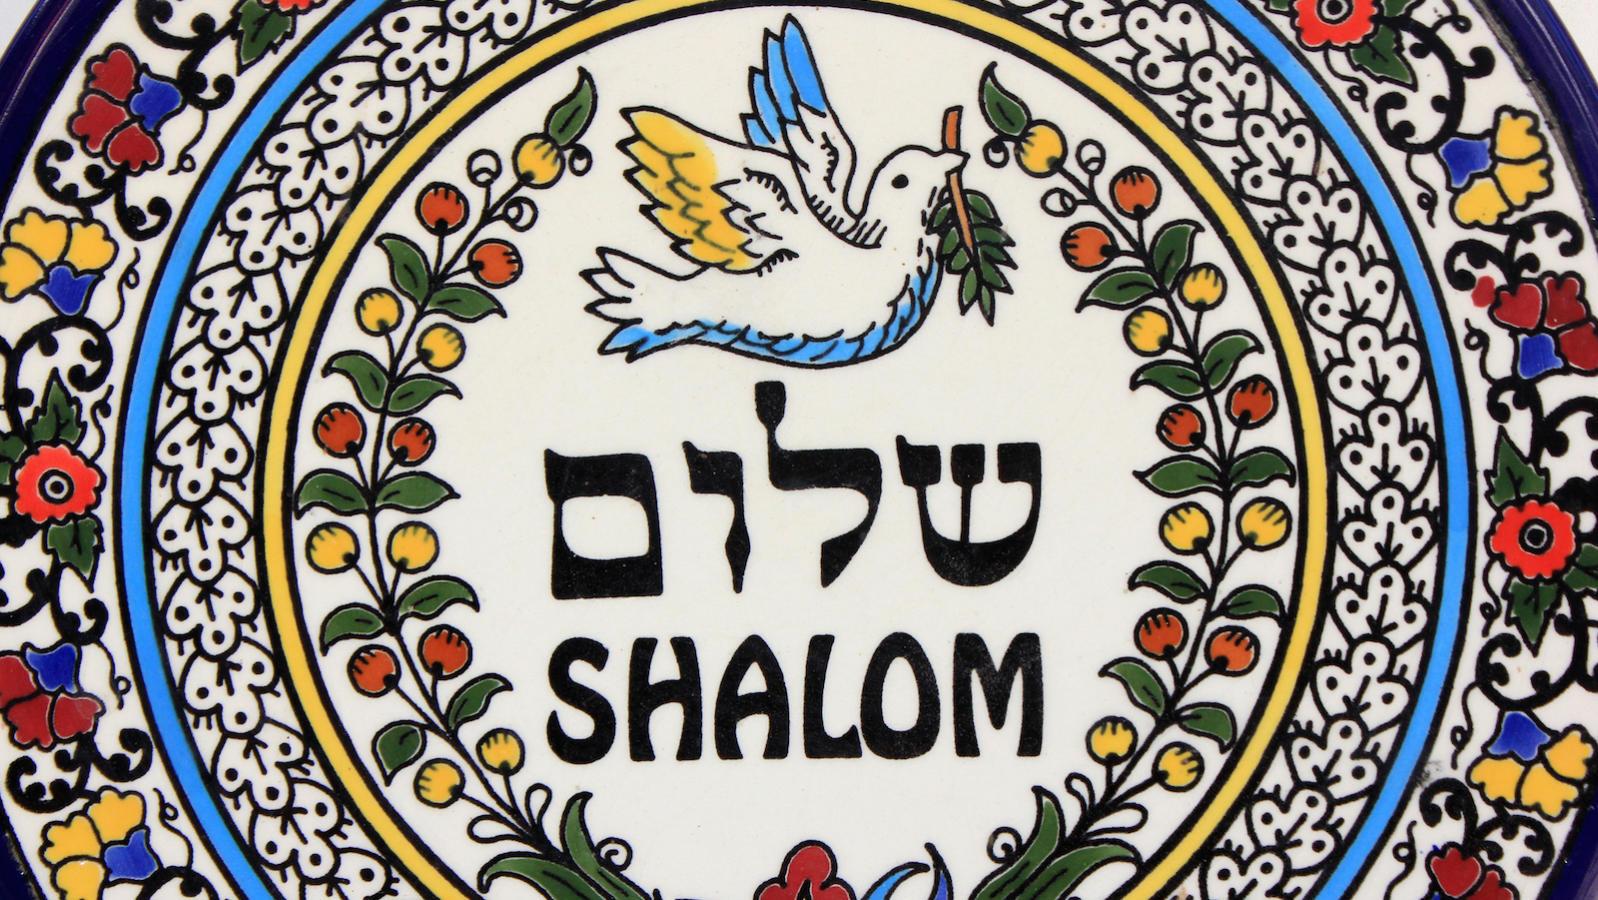 shalom peace